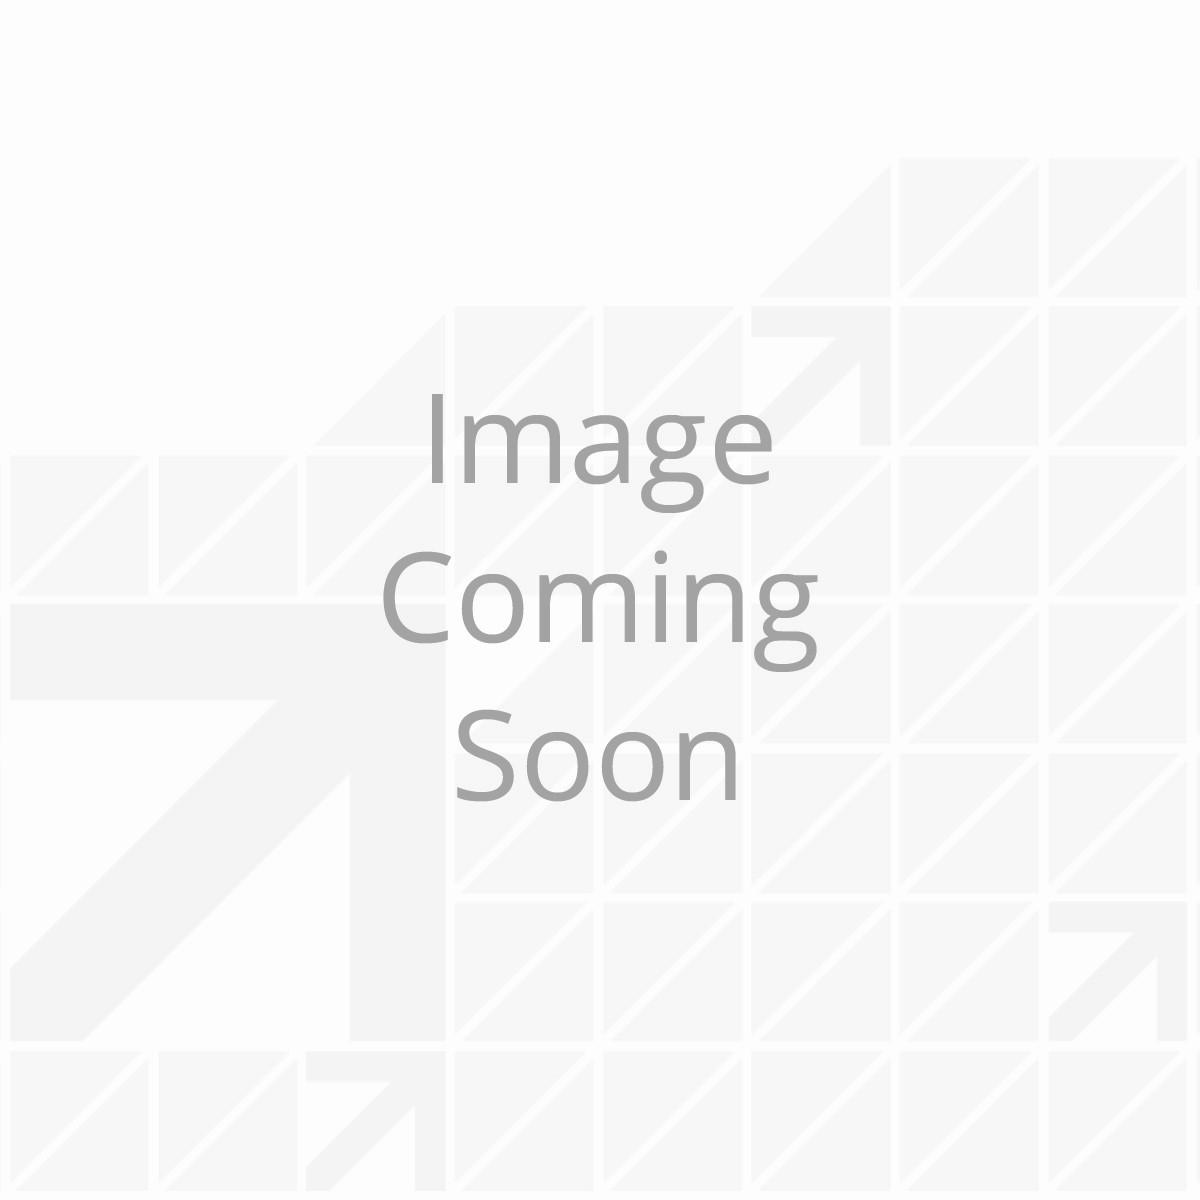 673594 - Power Stab Spacer Kit